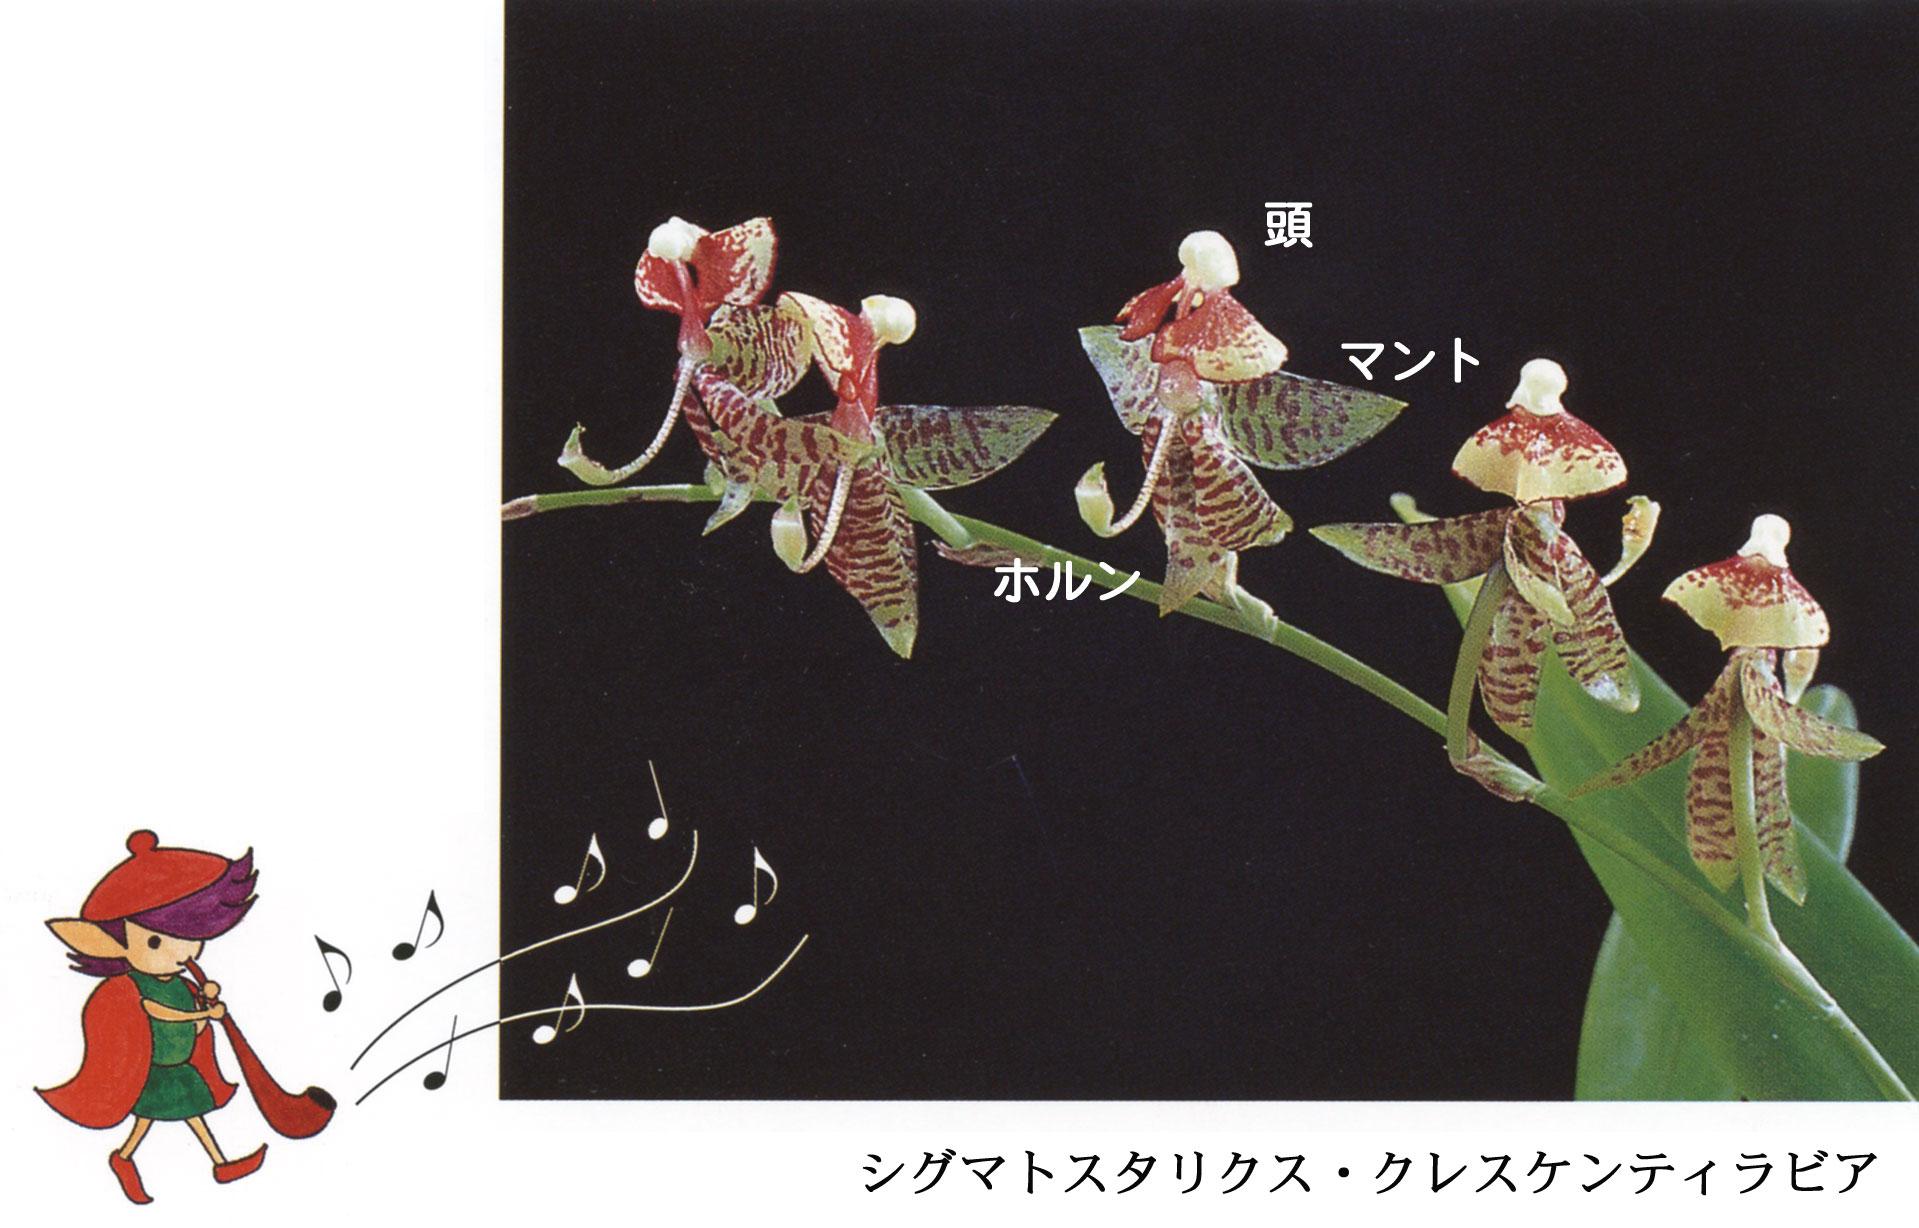 クレスと花の写真罫なしweb.jpg